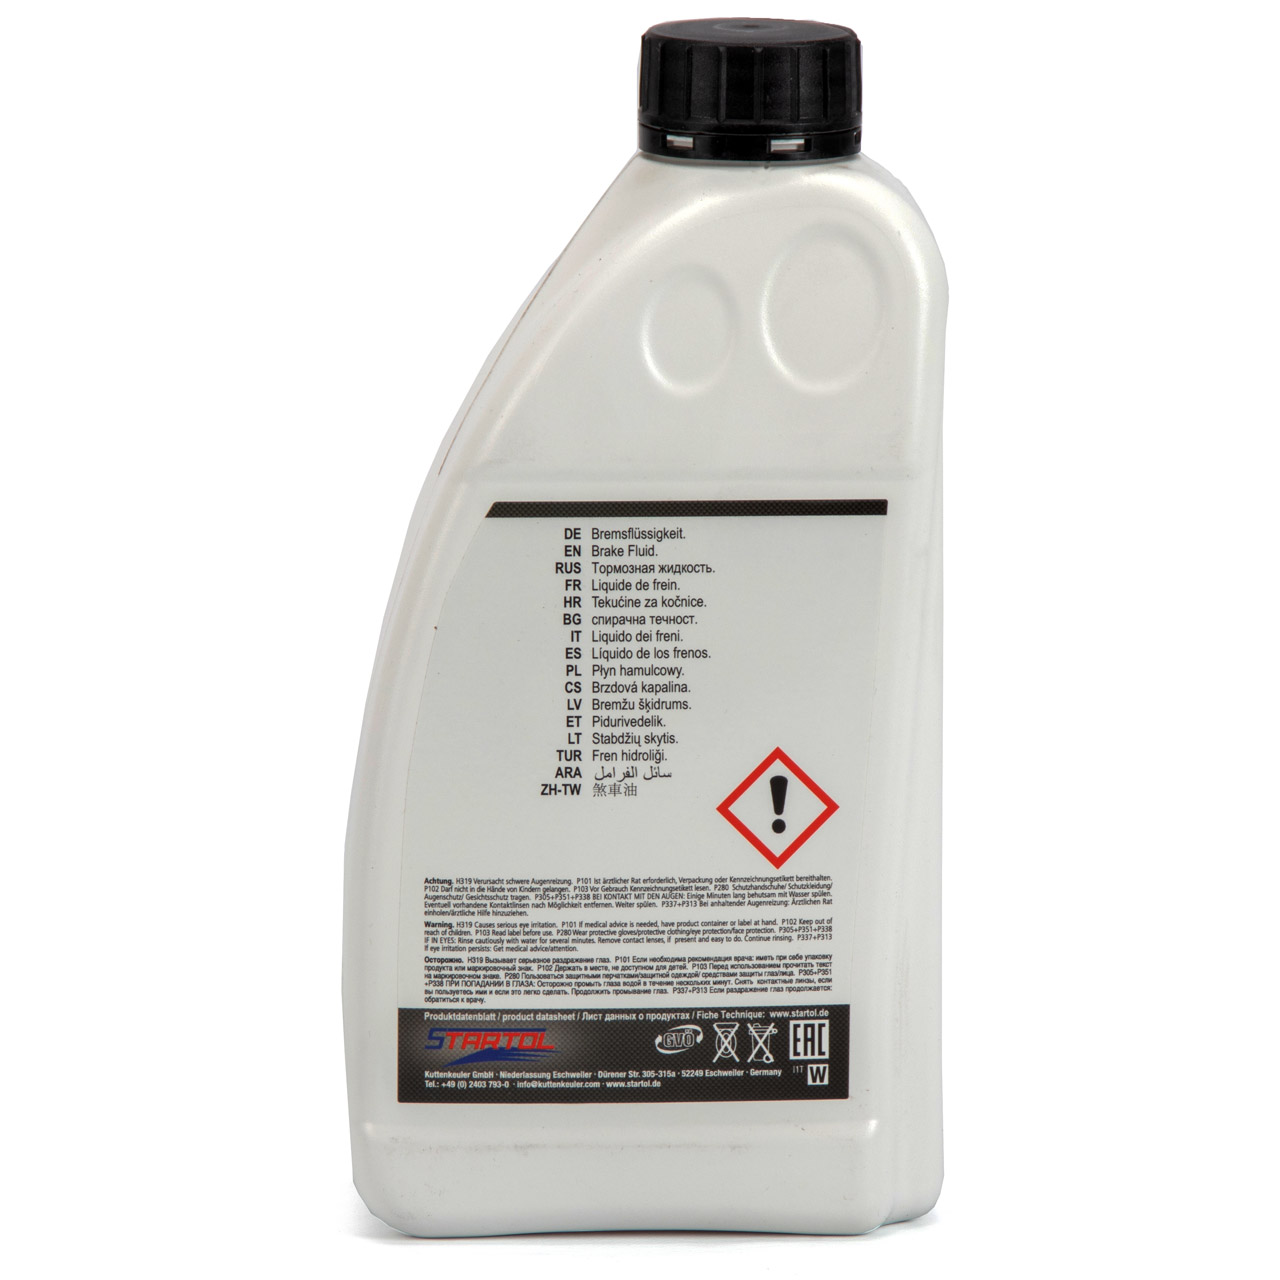 STARTOL Dolgan DOT 4 LV Hochleistungs-Bremsflüssigkeit synthetisch - 1L 1 Liter